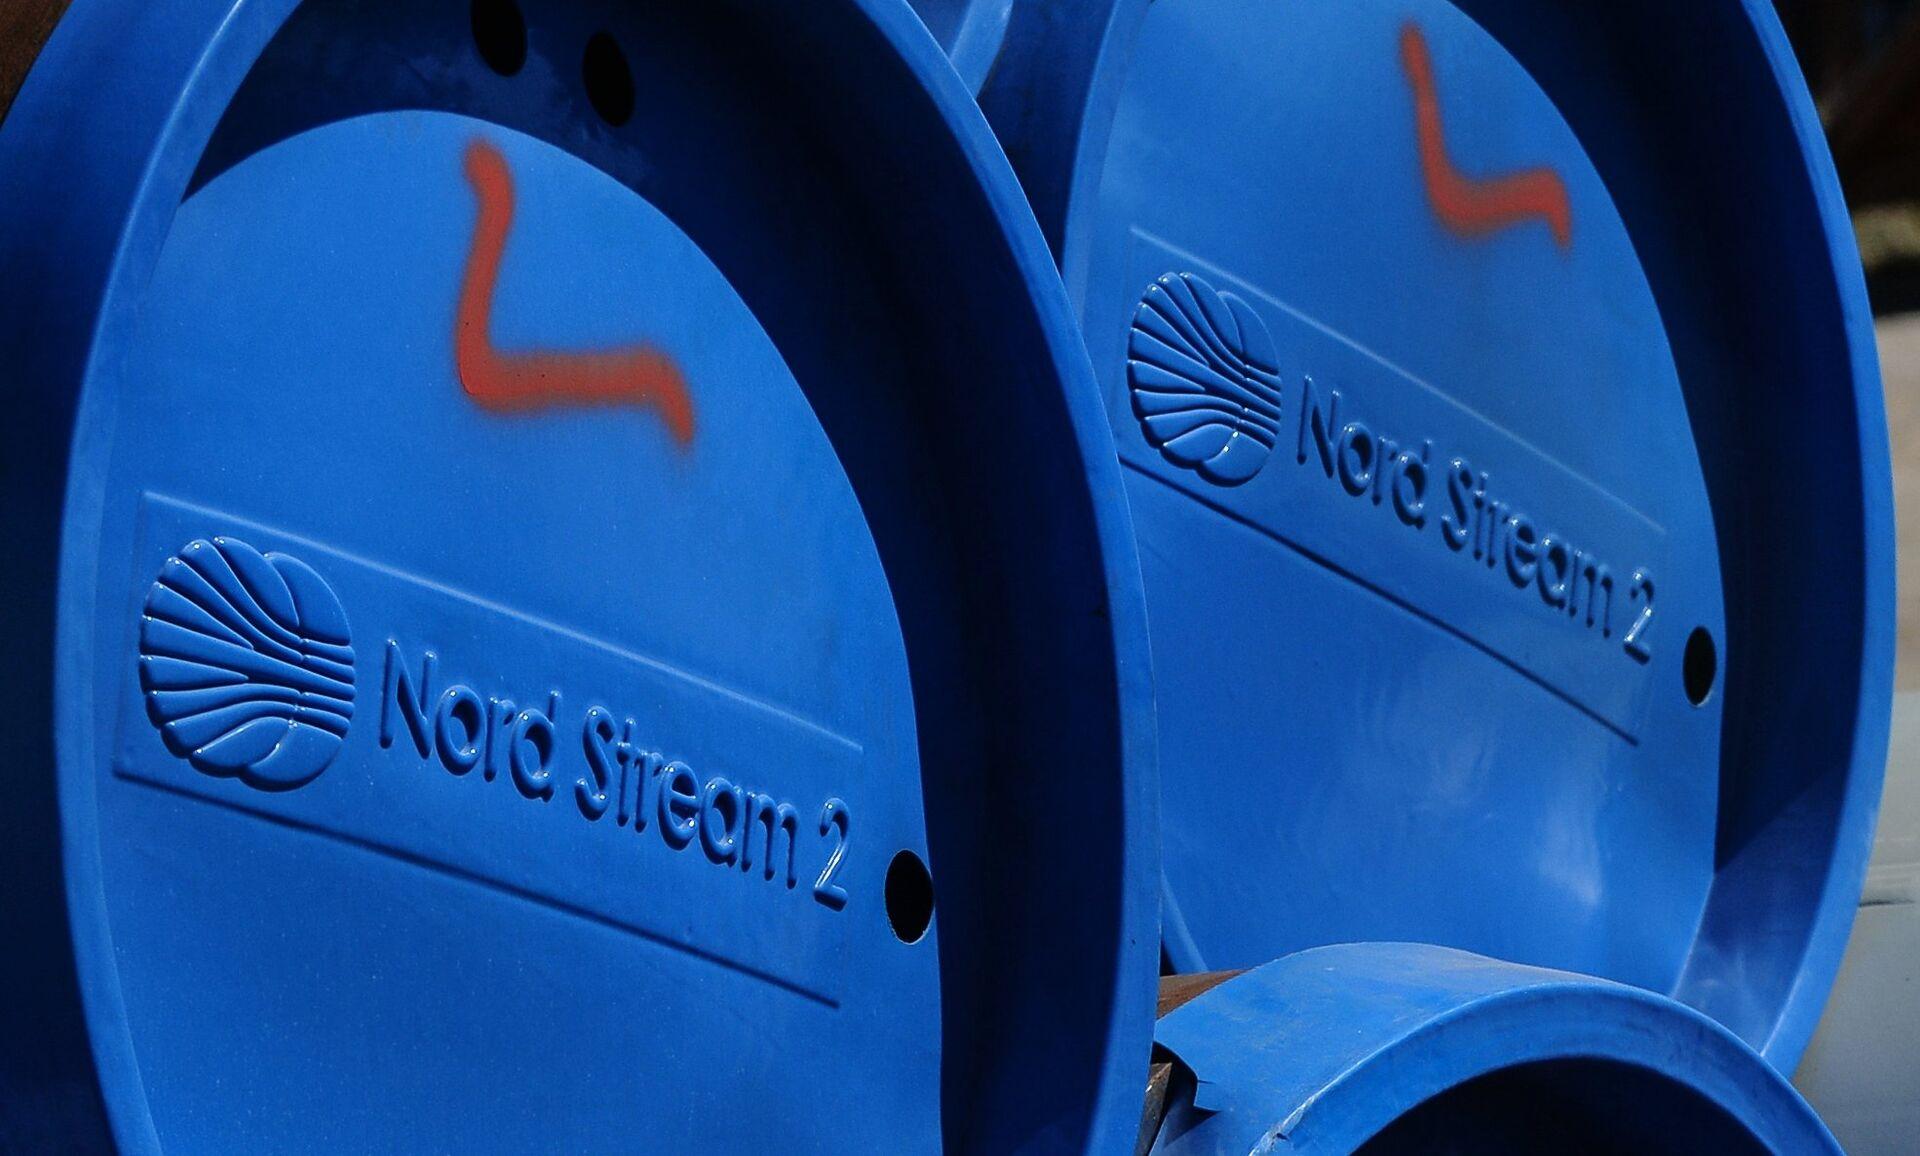 Autorità tedesche discutono del meccanismo di arresto per Nord Stream 2 - Sputnik Italia, 1920, 06.02.2021